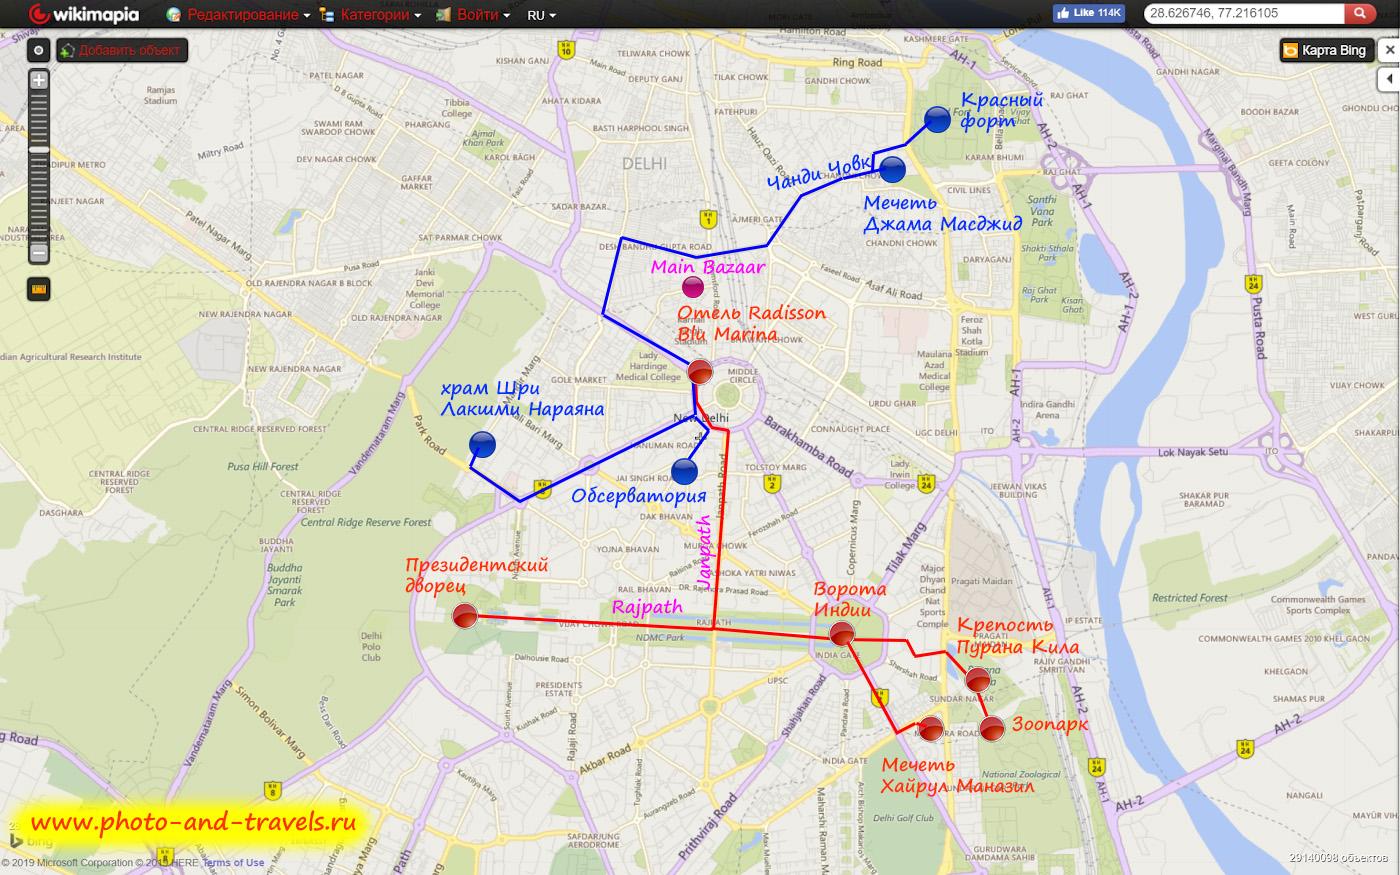 Карта со схемой маршрута экскурсий по Дели самостоятельно на два дня. Красные точки – первый день. Синие – второй день. Мэйн Базар – место, где жил С. Лахардов в недорогом отеле в обе поездки в Индию.